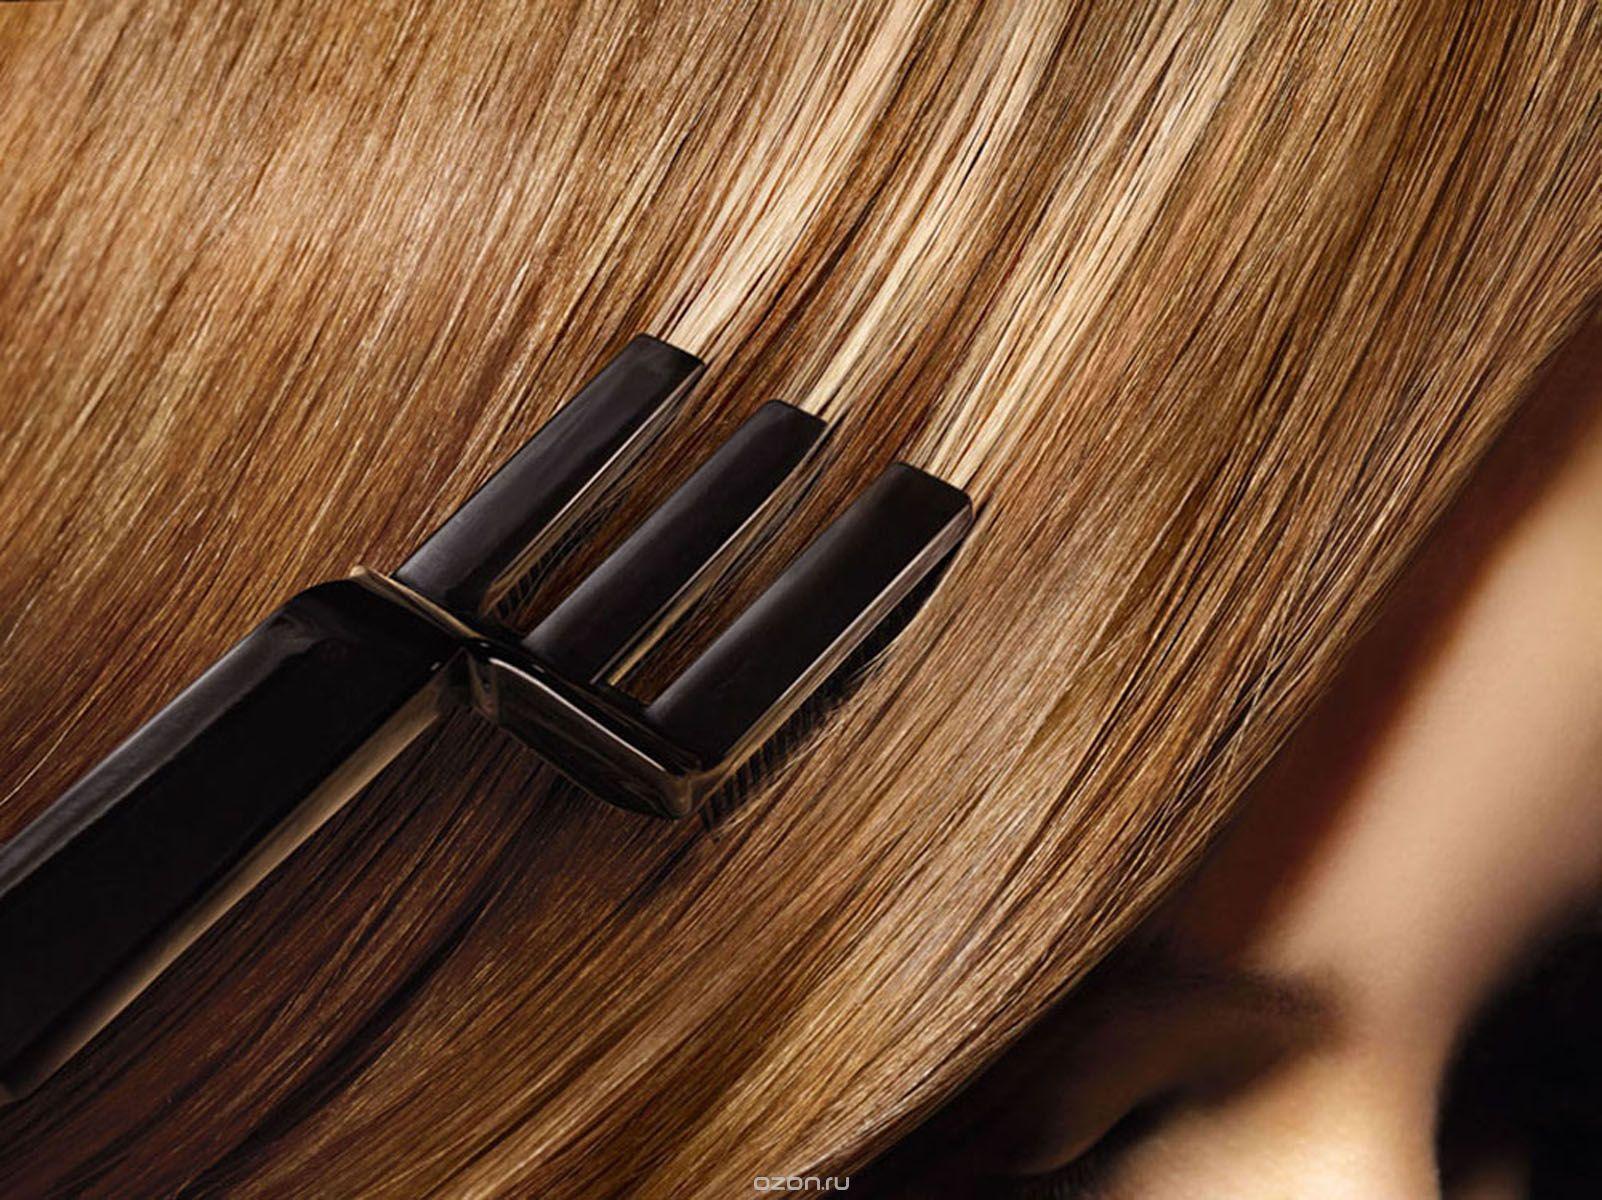 Выбираем краску для мелирования волос в домашних условиях 32